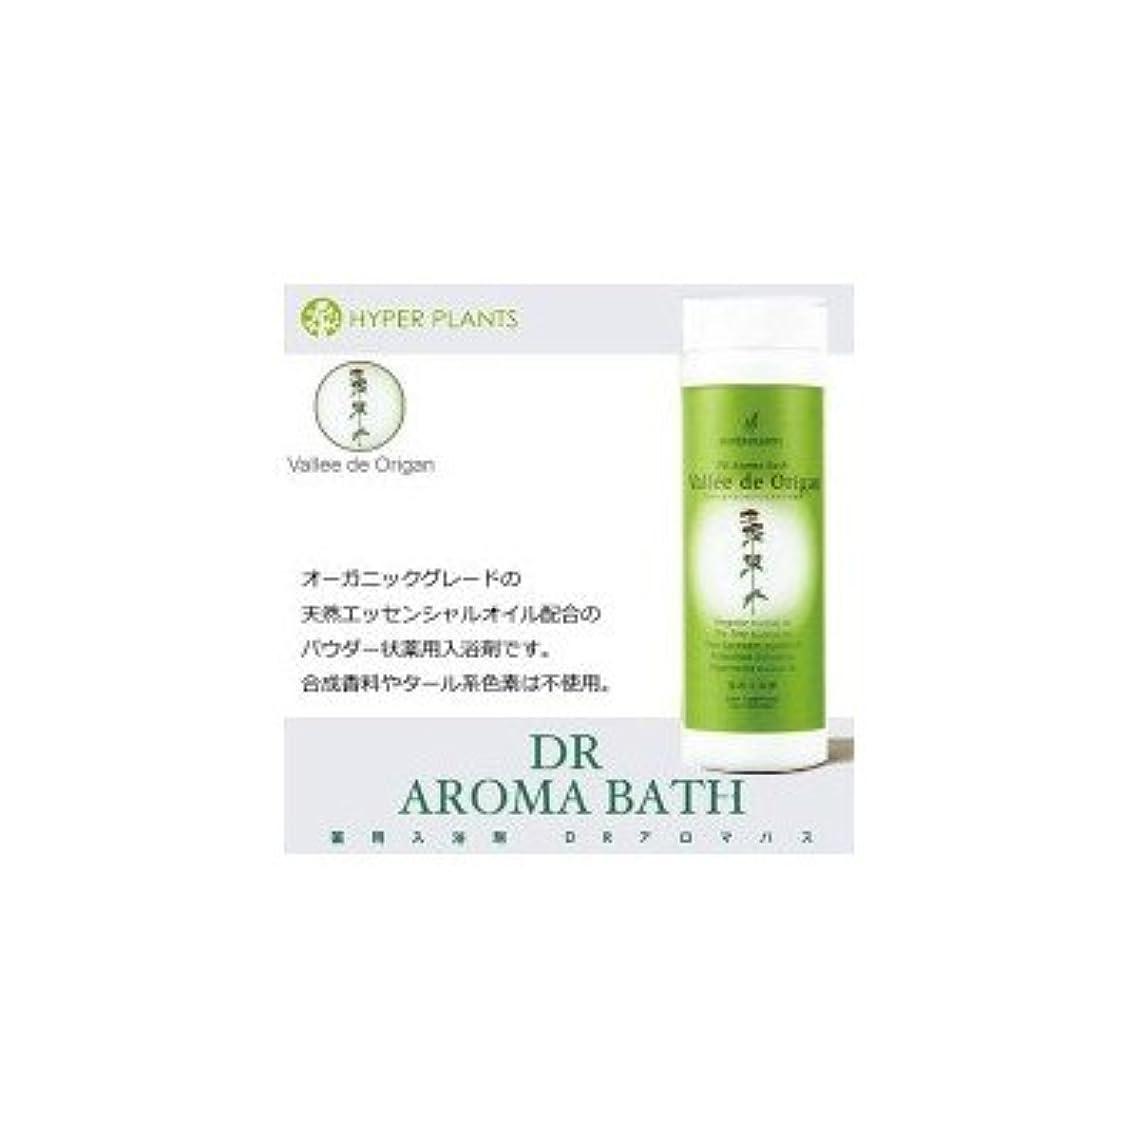 やるよく話される家庭教師医薬部外品 薬用入浴剤 ハイパープランツ(HYPER PLANTS) DRアロマバス ヴァレドオリガン 500g HN0218